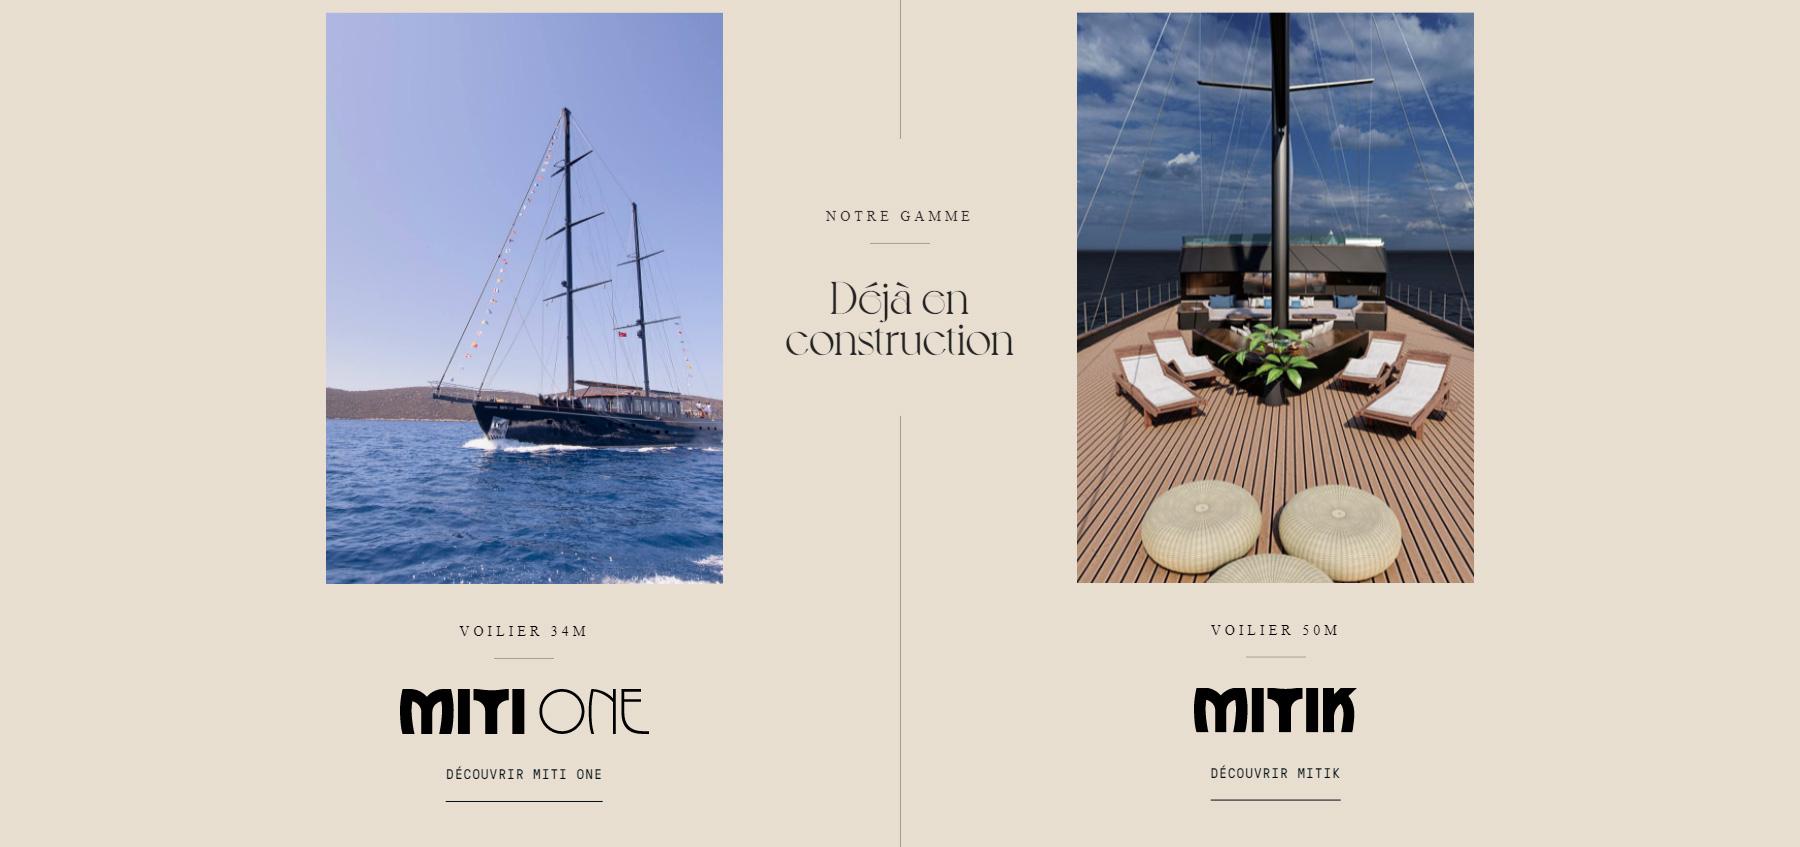 Miti Navi - Website of the Day